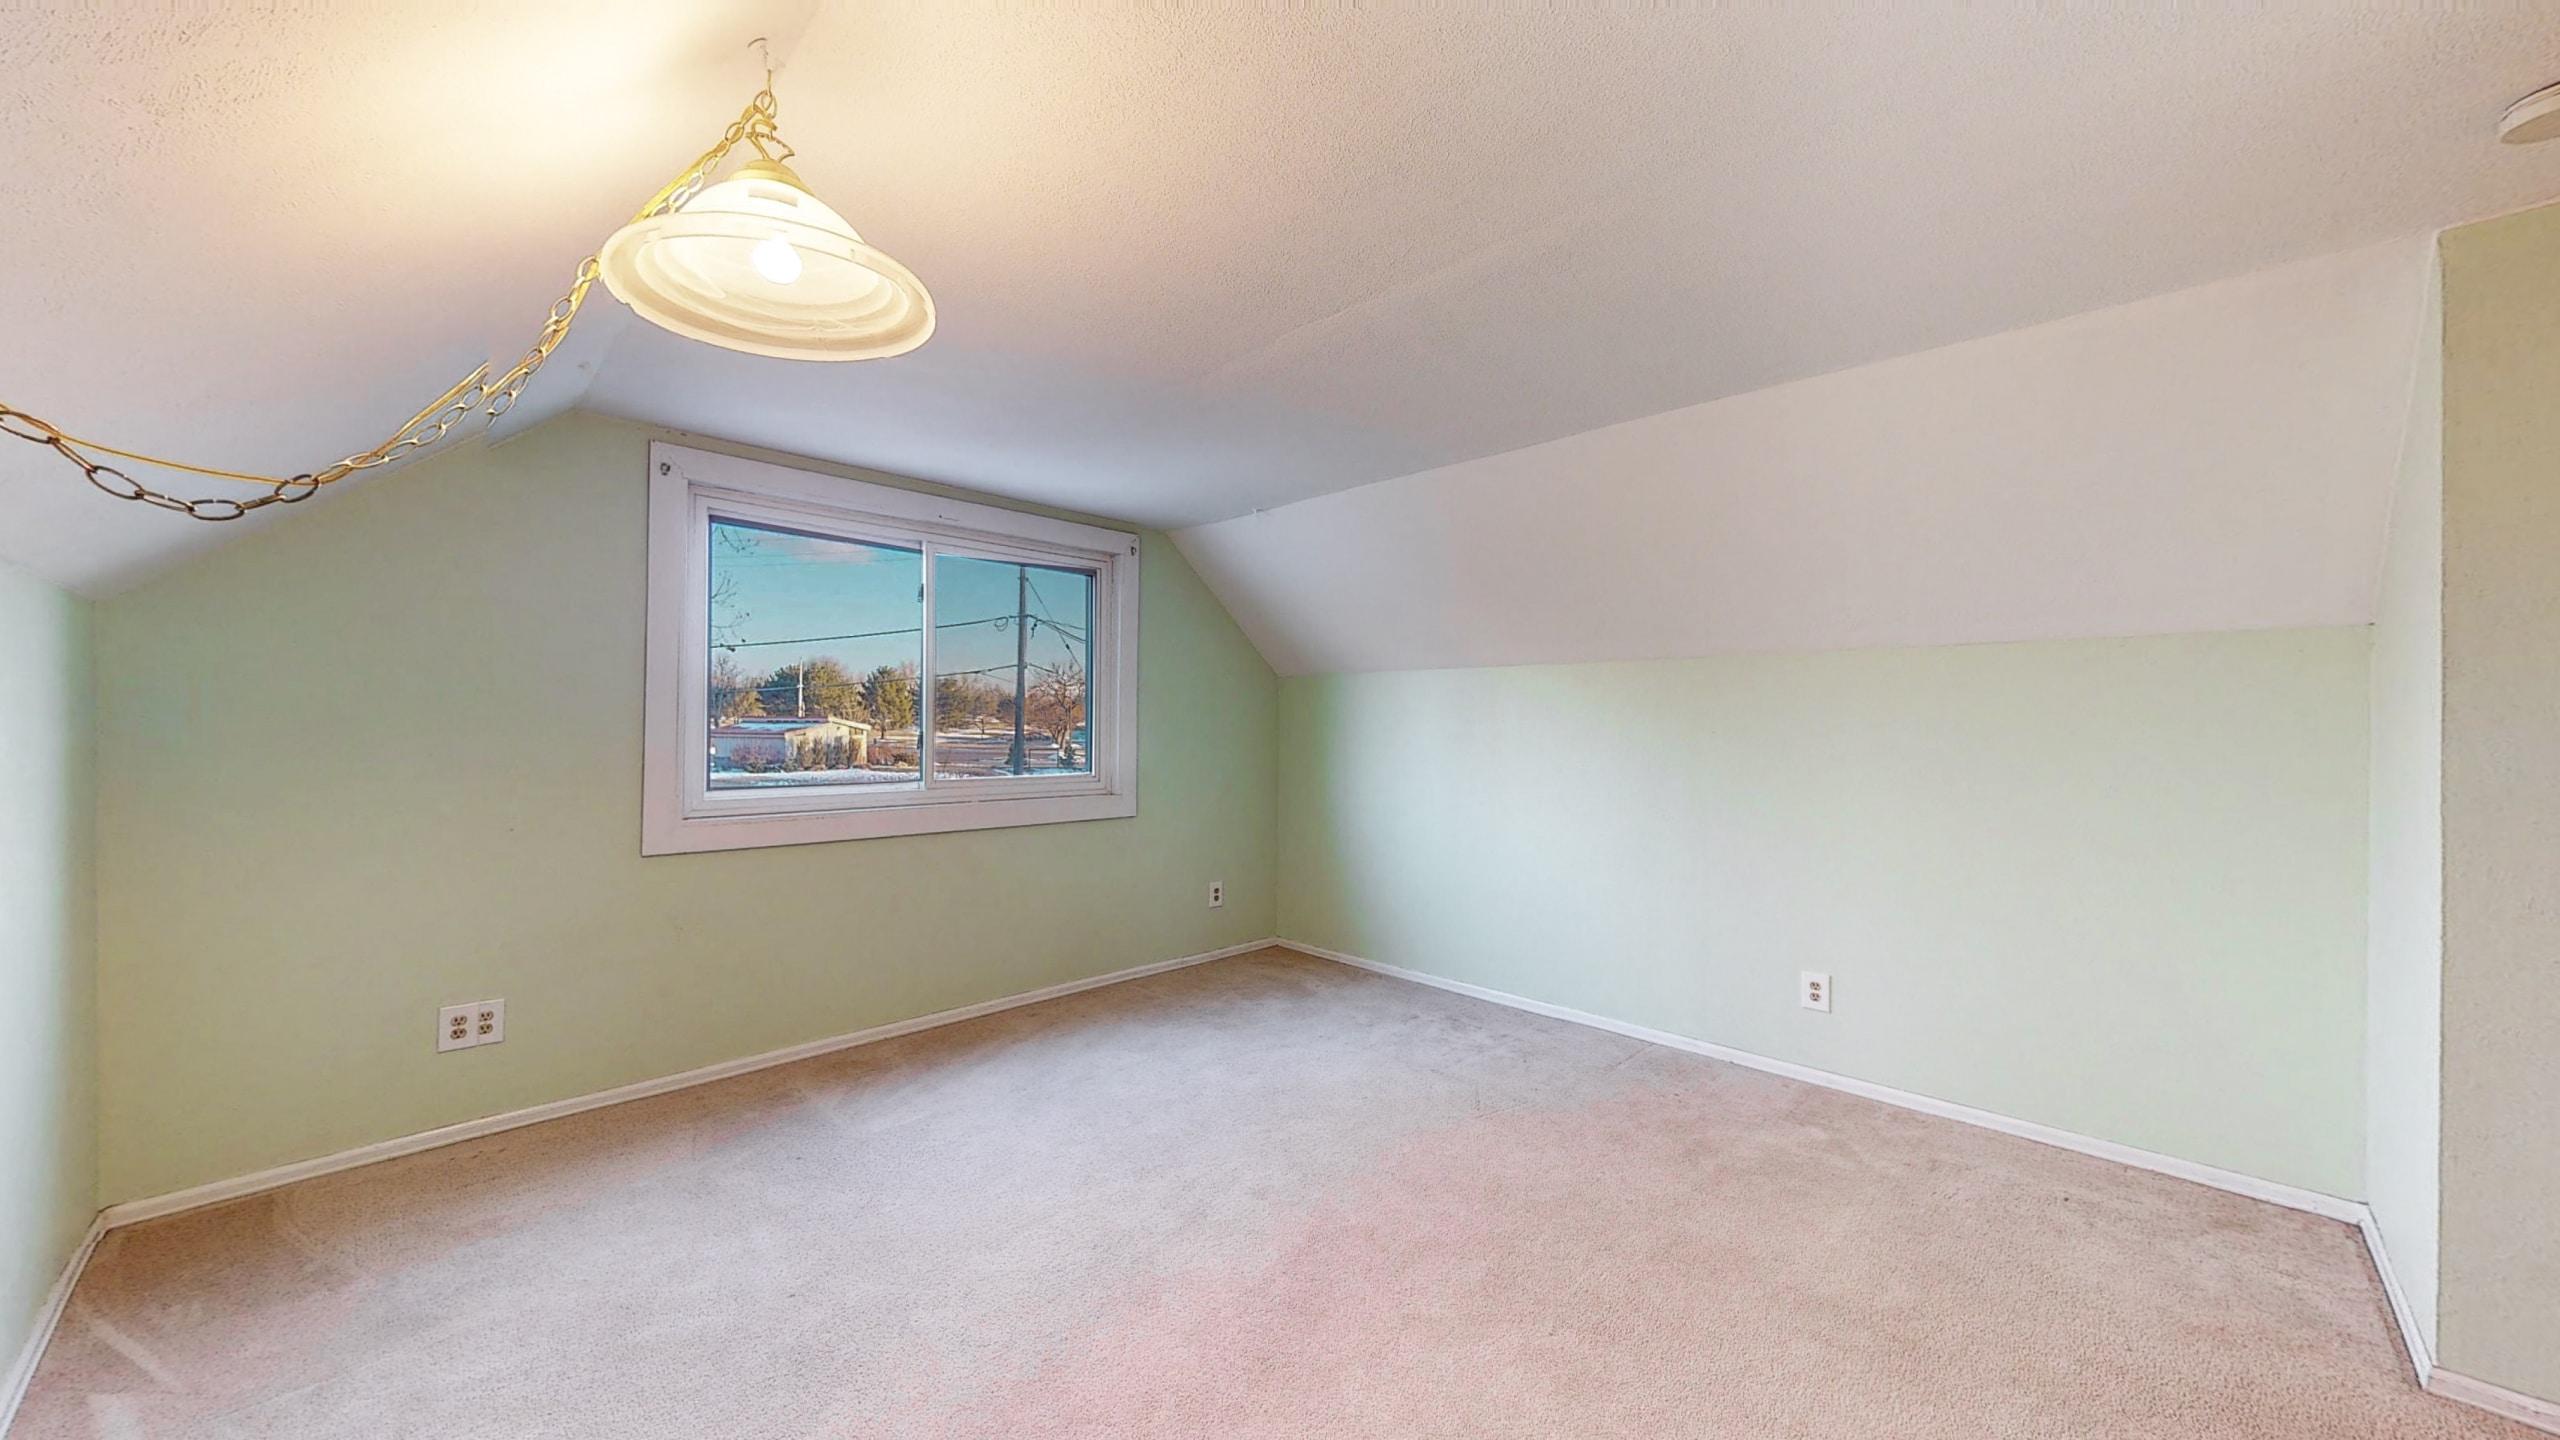 Brighton Home For Sale, light green walls, white ceiling, lamp light